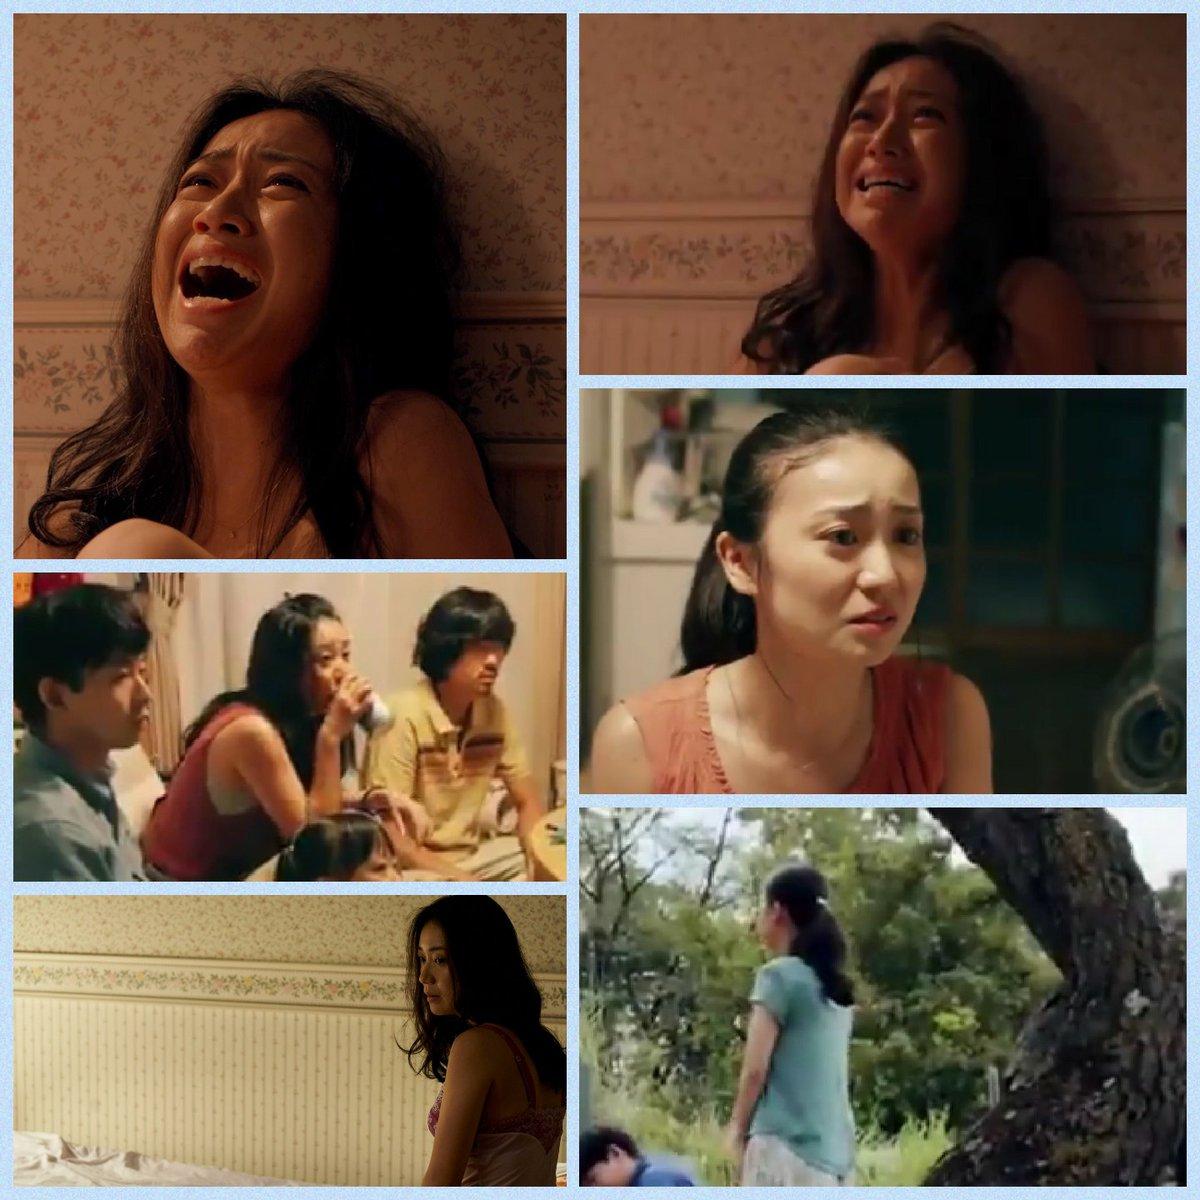 た 生き 大島 優子 ちゃっ 大島優子、嫌なことがあったときは「家で1人で叫んでます」 告白し赤面|ニフティニュース